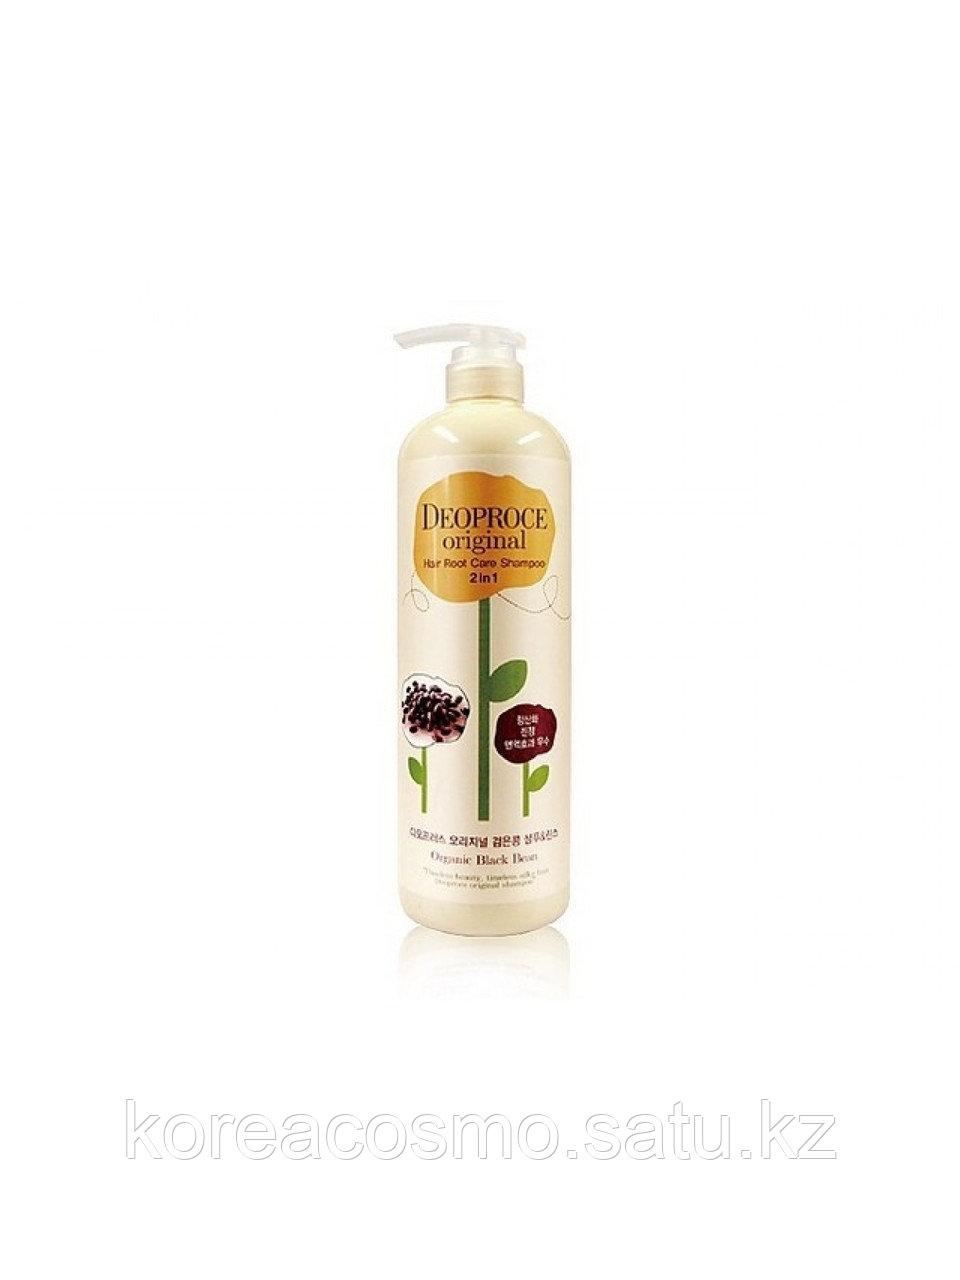 Deoproce Шампунь черные бобы 2в1 Hair Root Shampoo 2in1 Black Bean